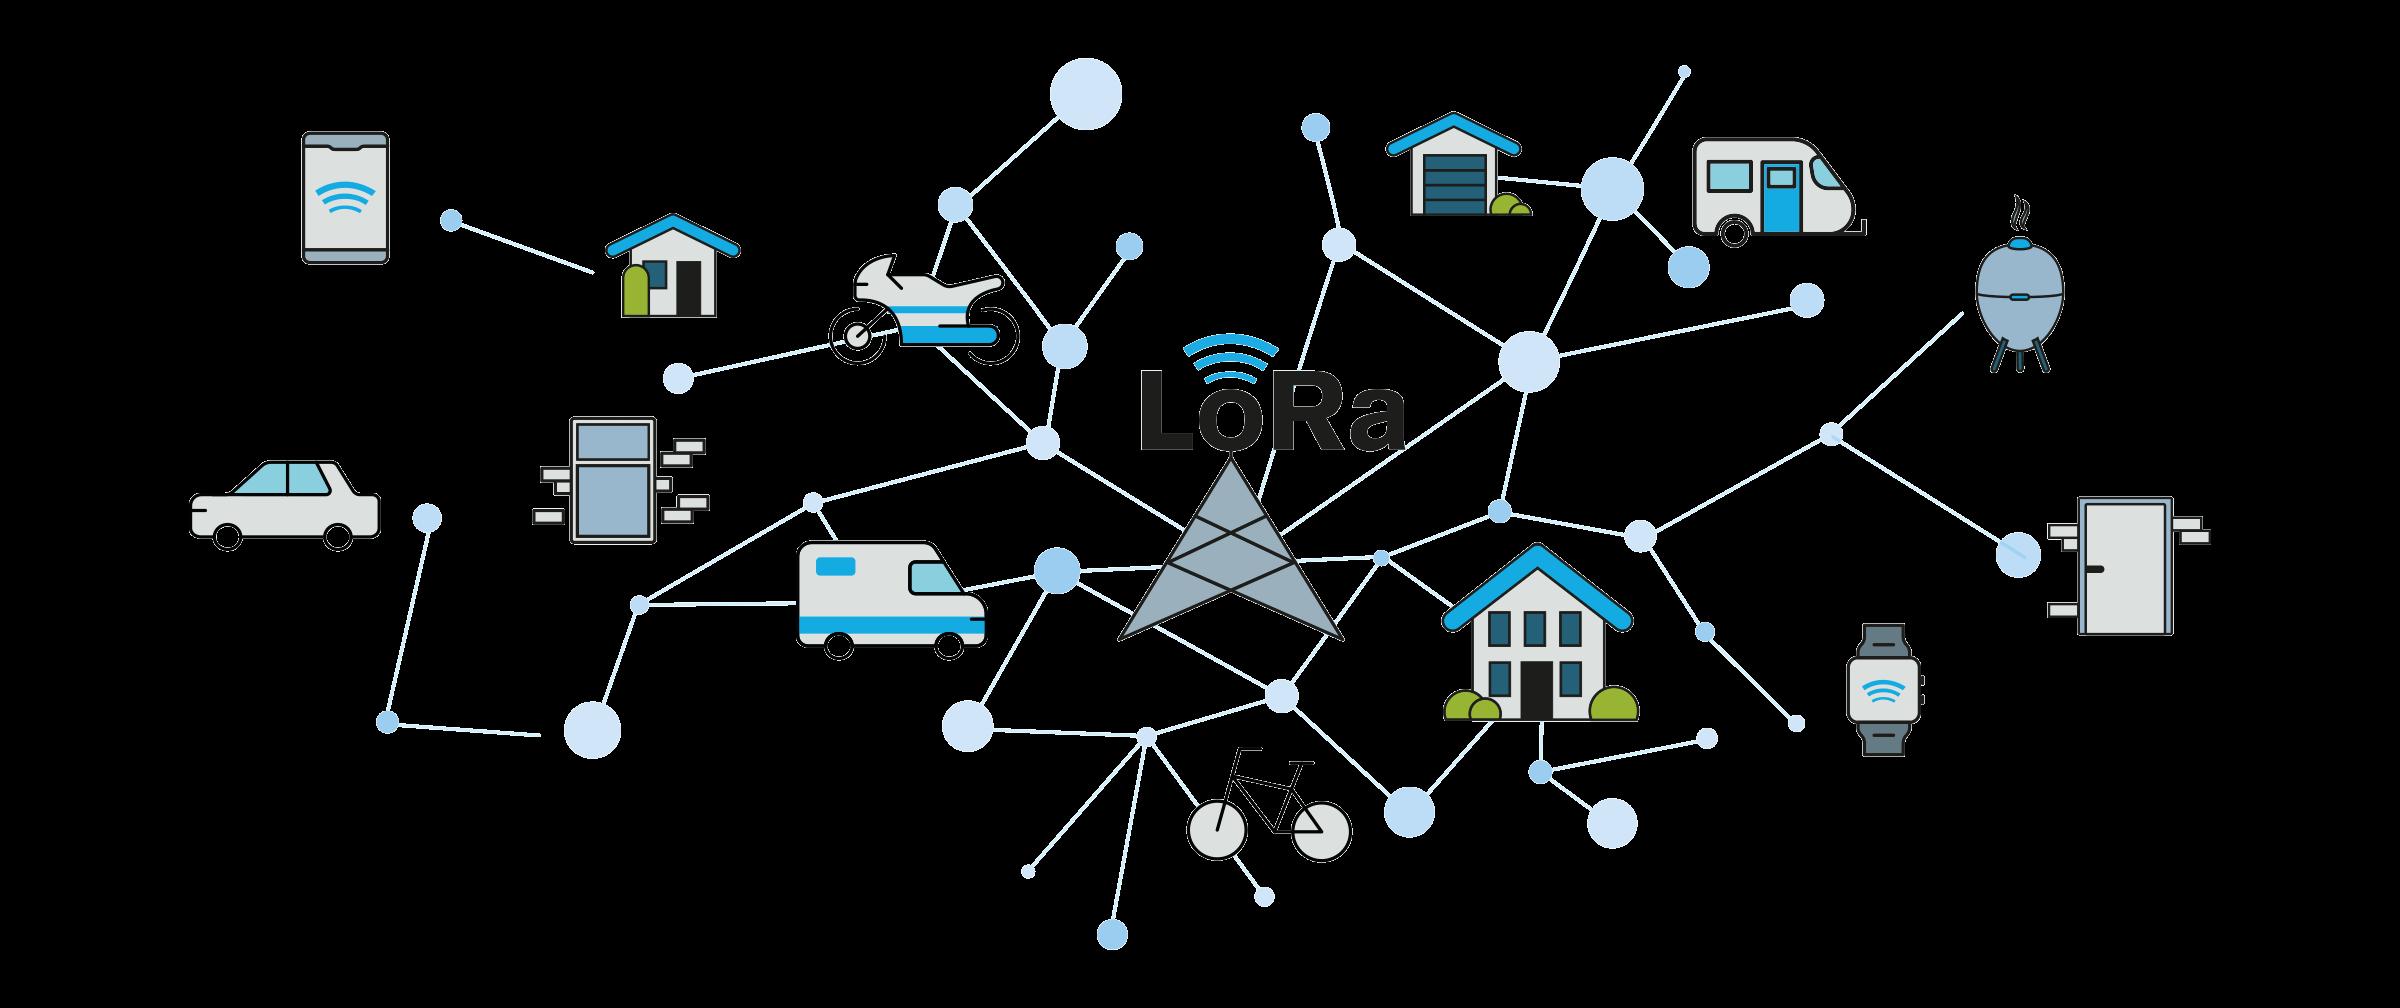 Voordelen Lora sensoren: veiliger en gaan langer mee